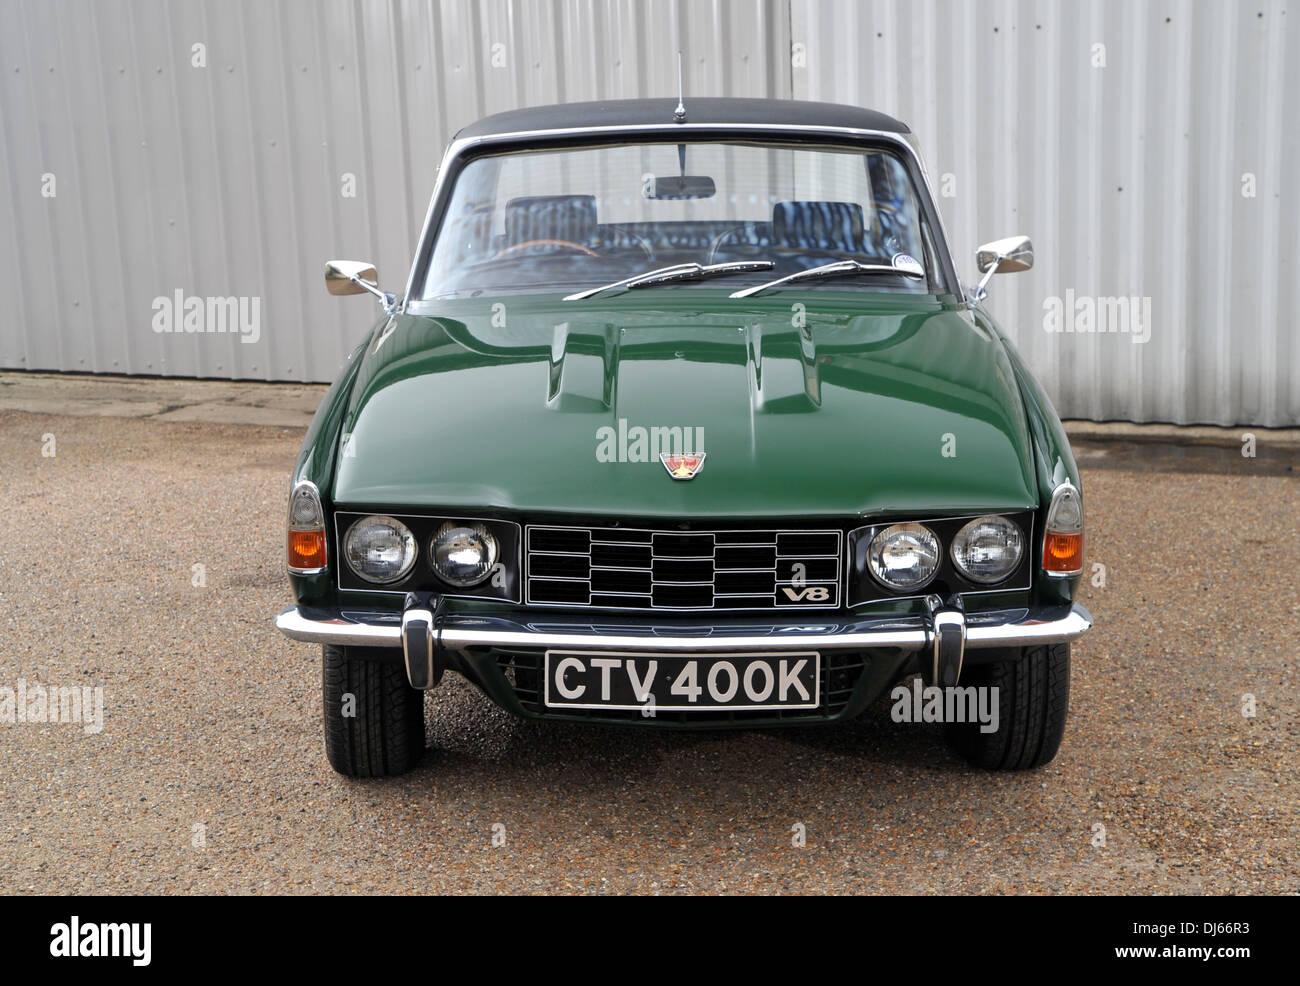 1972 rover 3500s p6 british classic car with 3 5 litre buick derived rh alamy com Land Rover V8 Rover V8 Performance